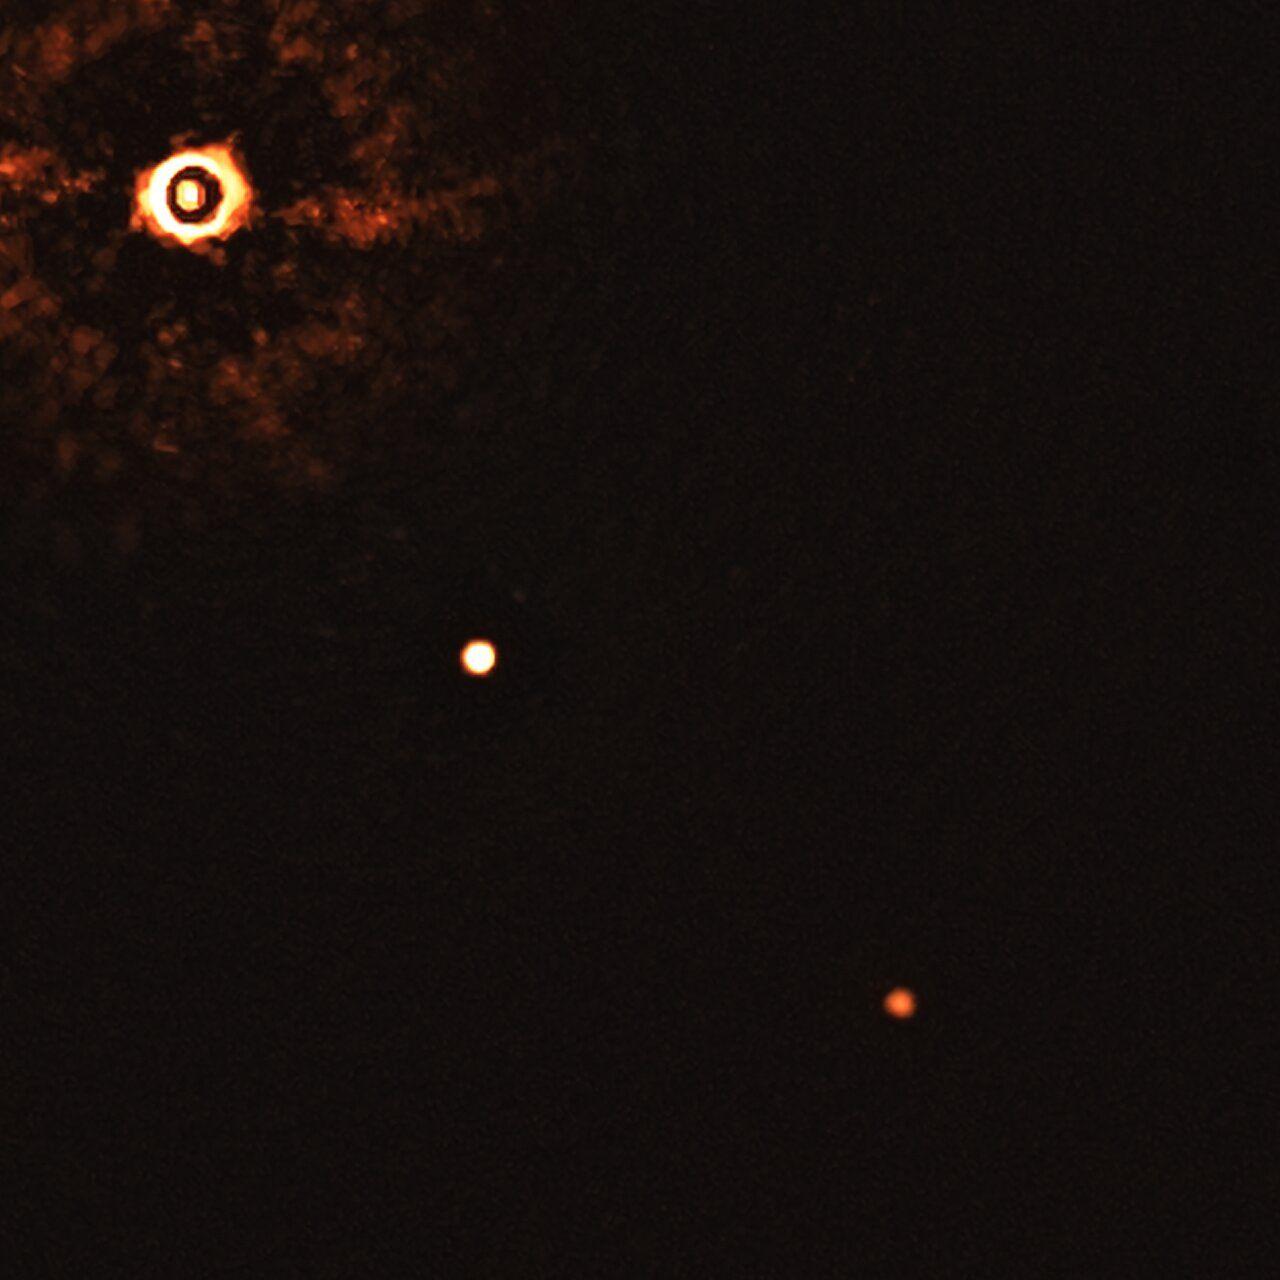 VLT-teleskopet fotar solliknande stjärna med två exoplaneter